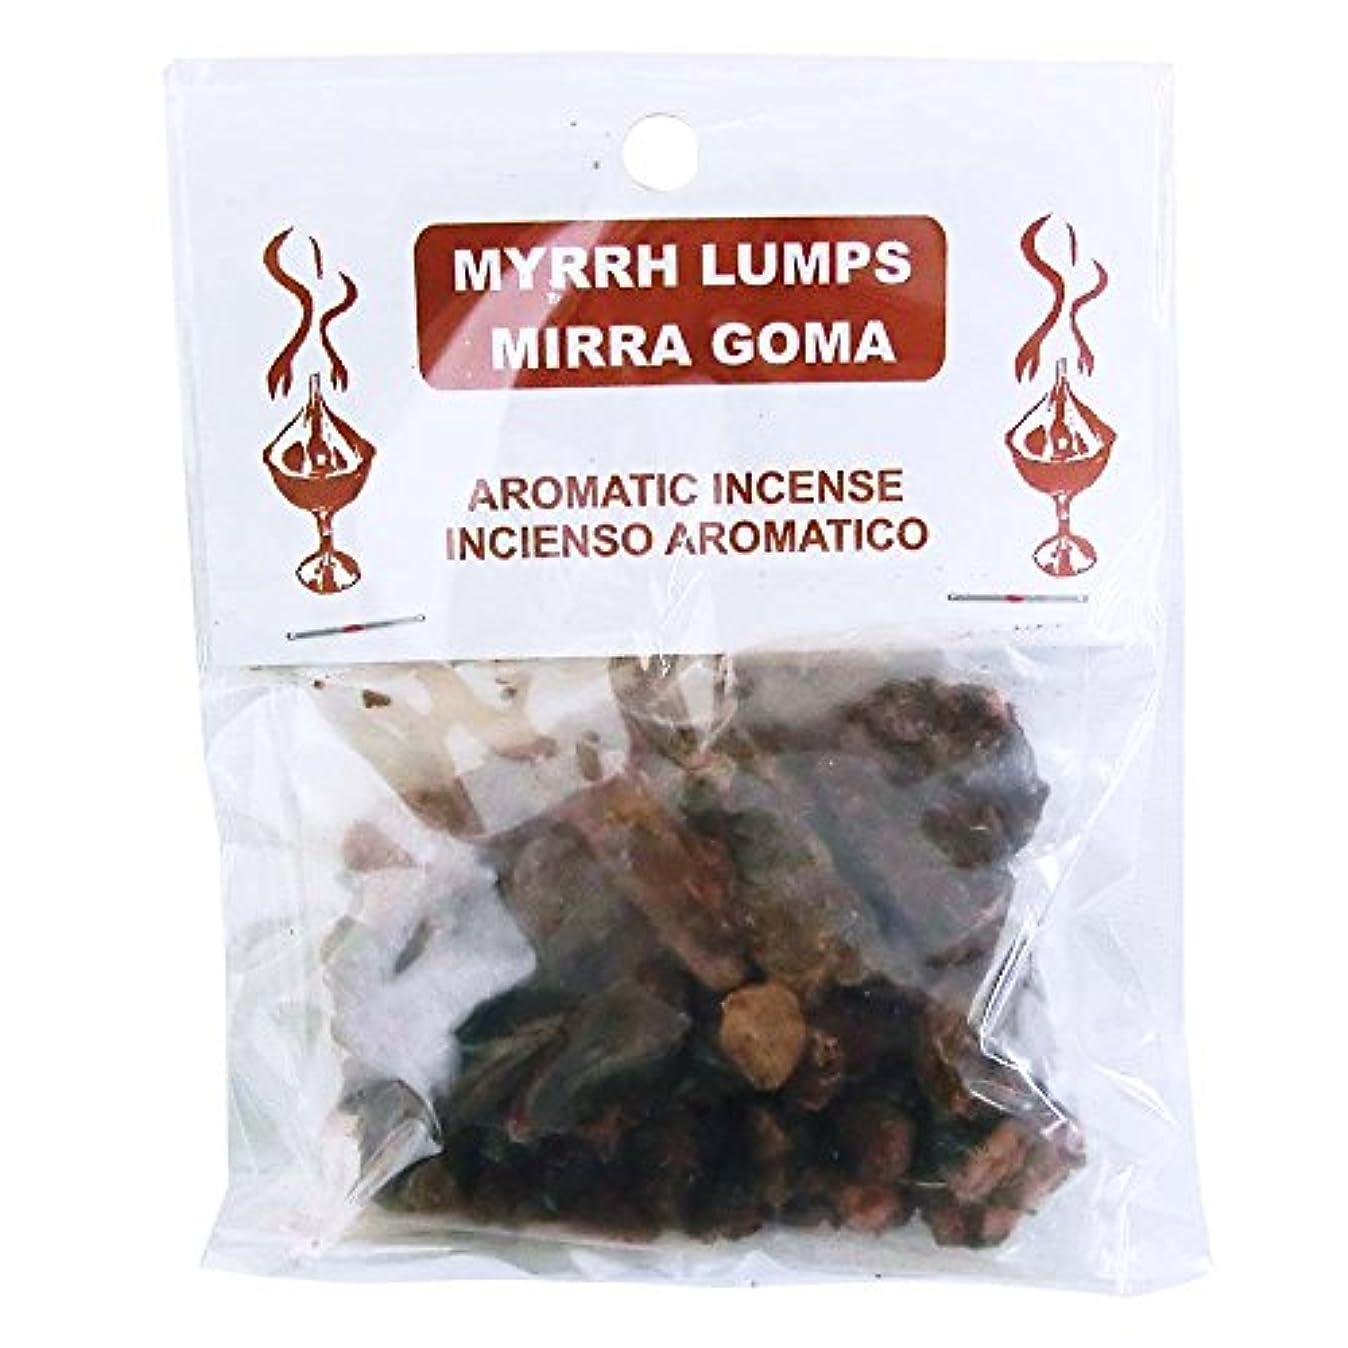 初期の早く比べる3KINGS Resin Incense(ヨルダンの聖別香) Myrrh Lumps